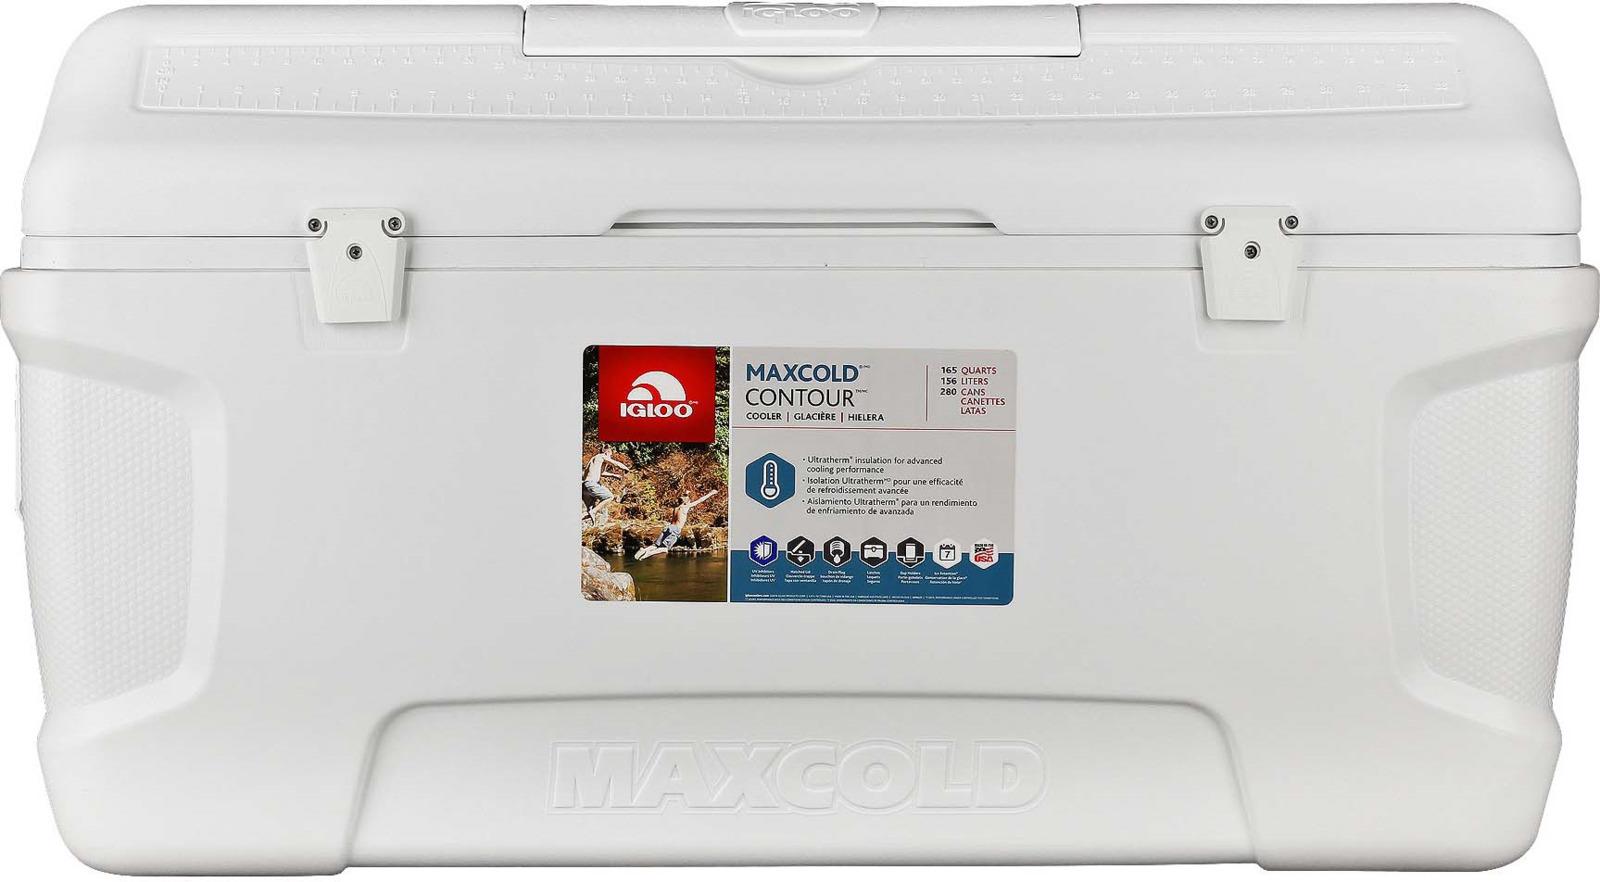 Контейнер изотермический пластиковый Igloo Maxcold Contour 165, 49628, белый